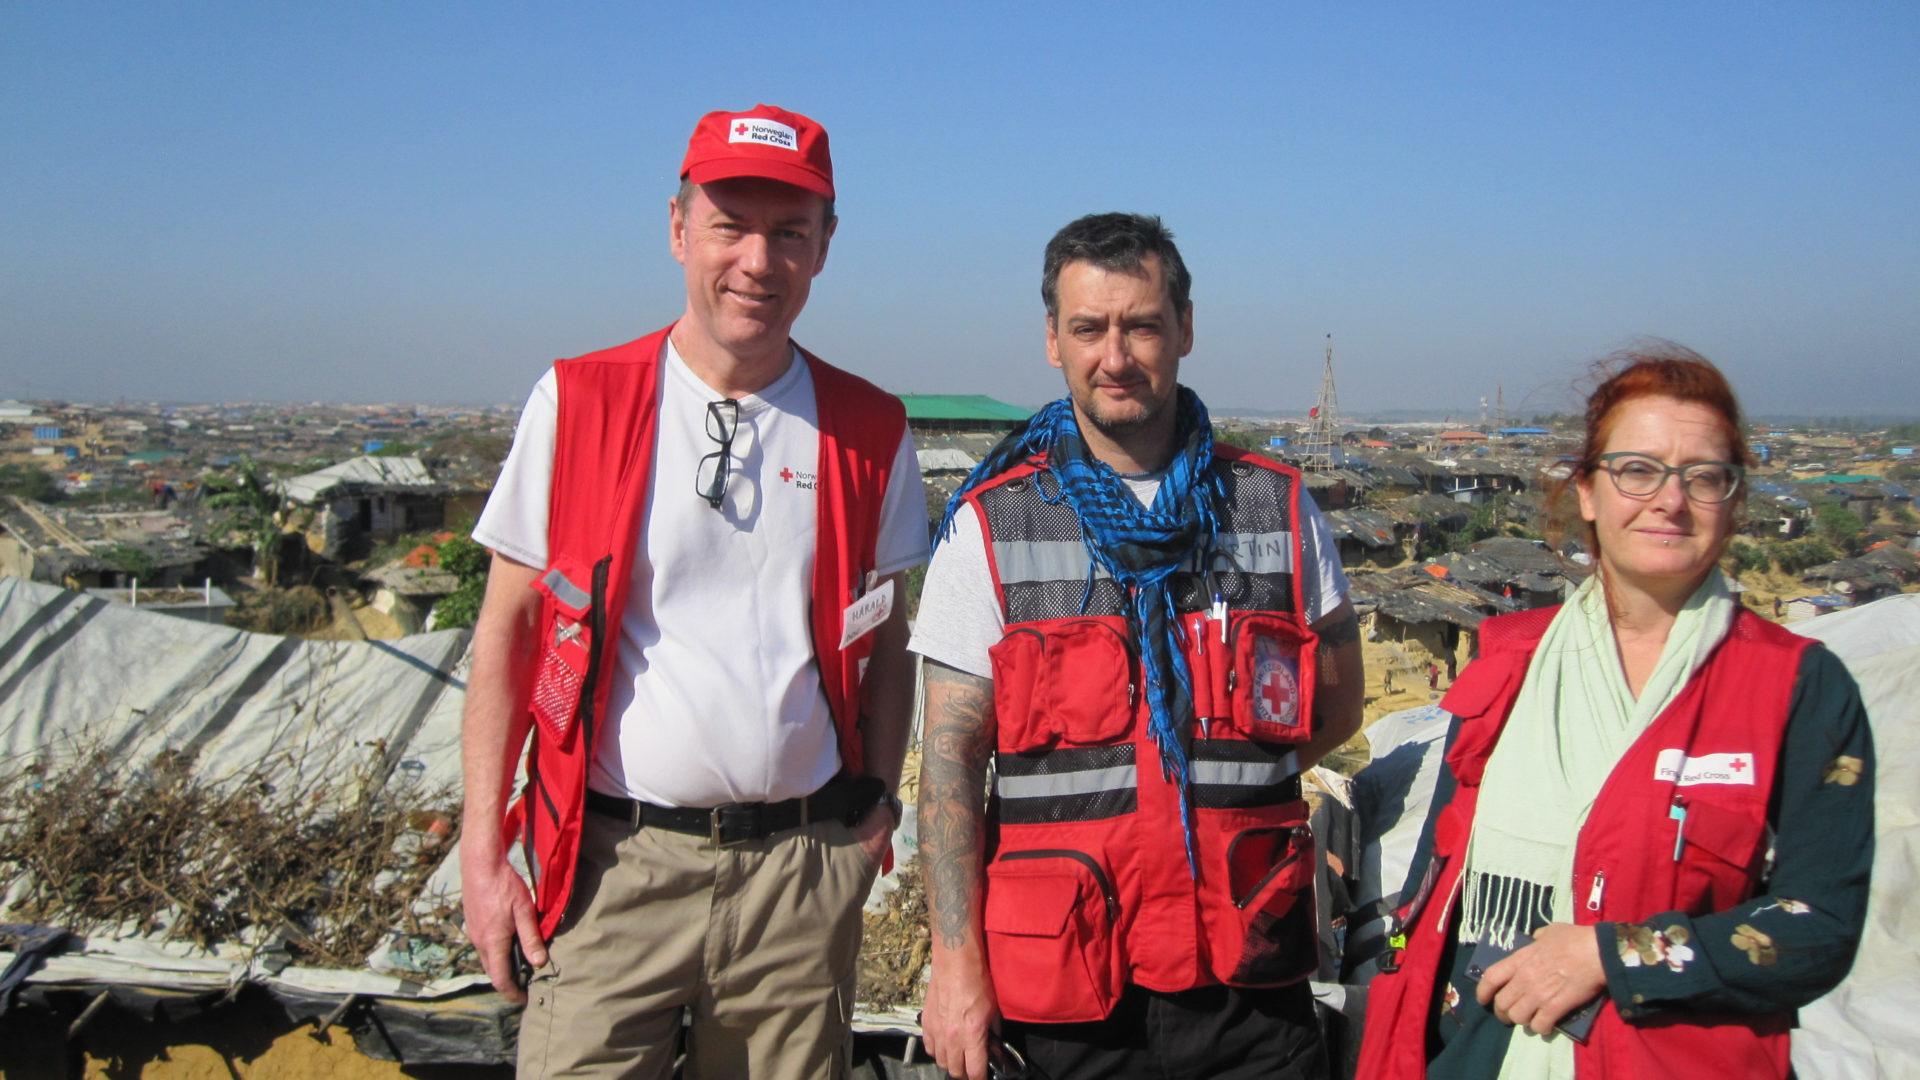 Røde Kors-team: Harald Sunde, Martin (Derry, Irland) og Charlotte (Danmark)